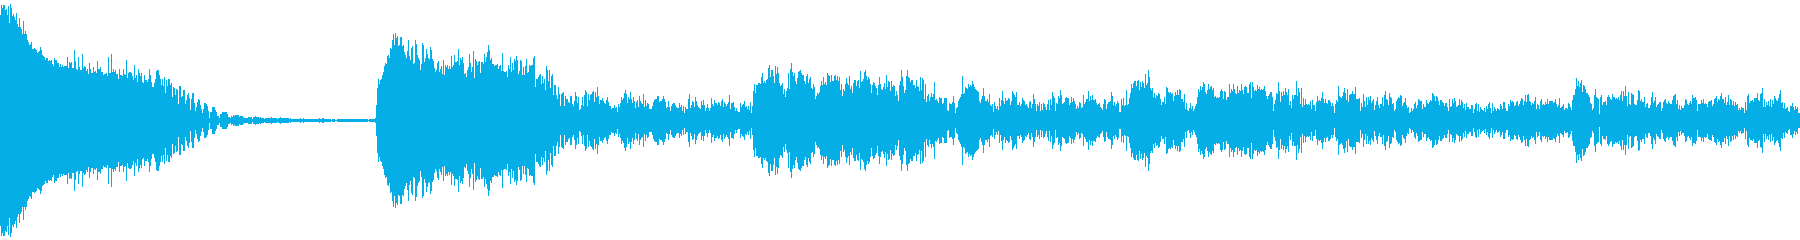 アナログFX 14の再生済みの波形